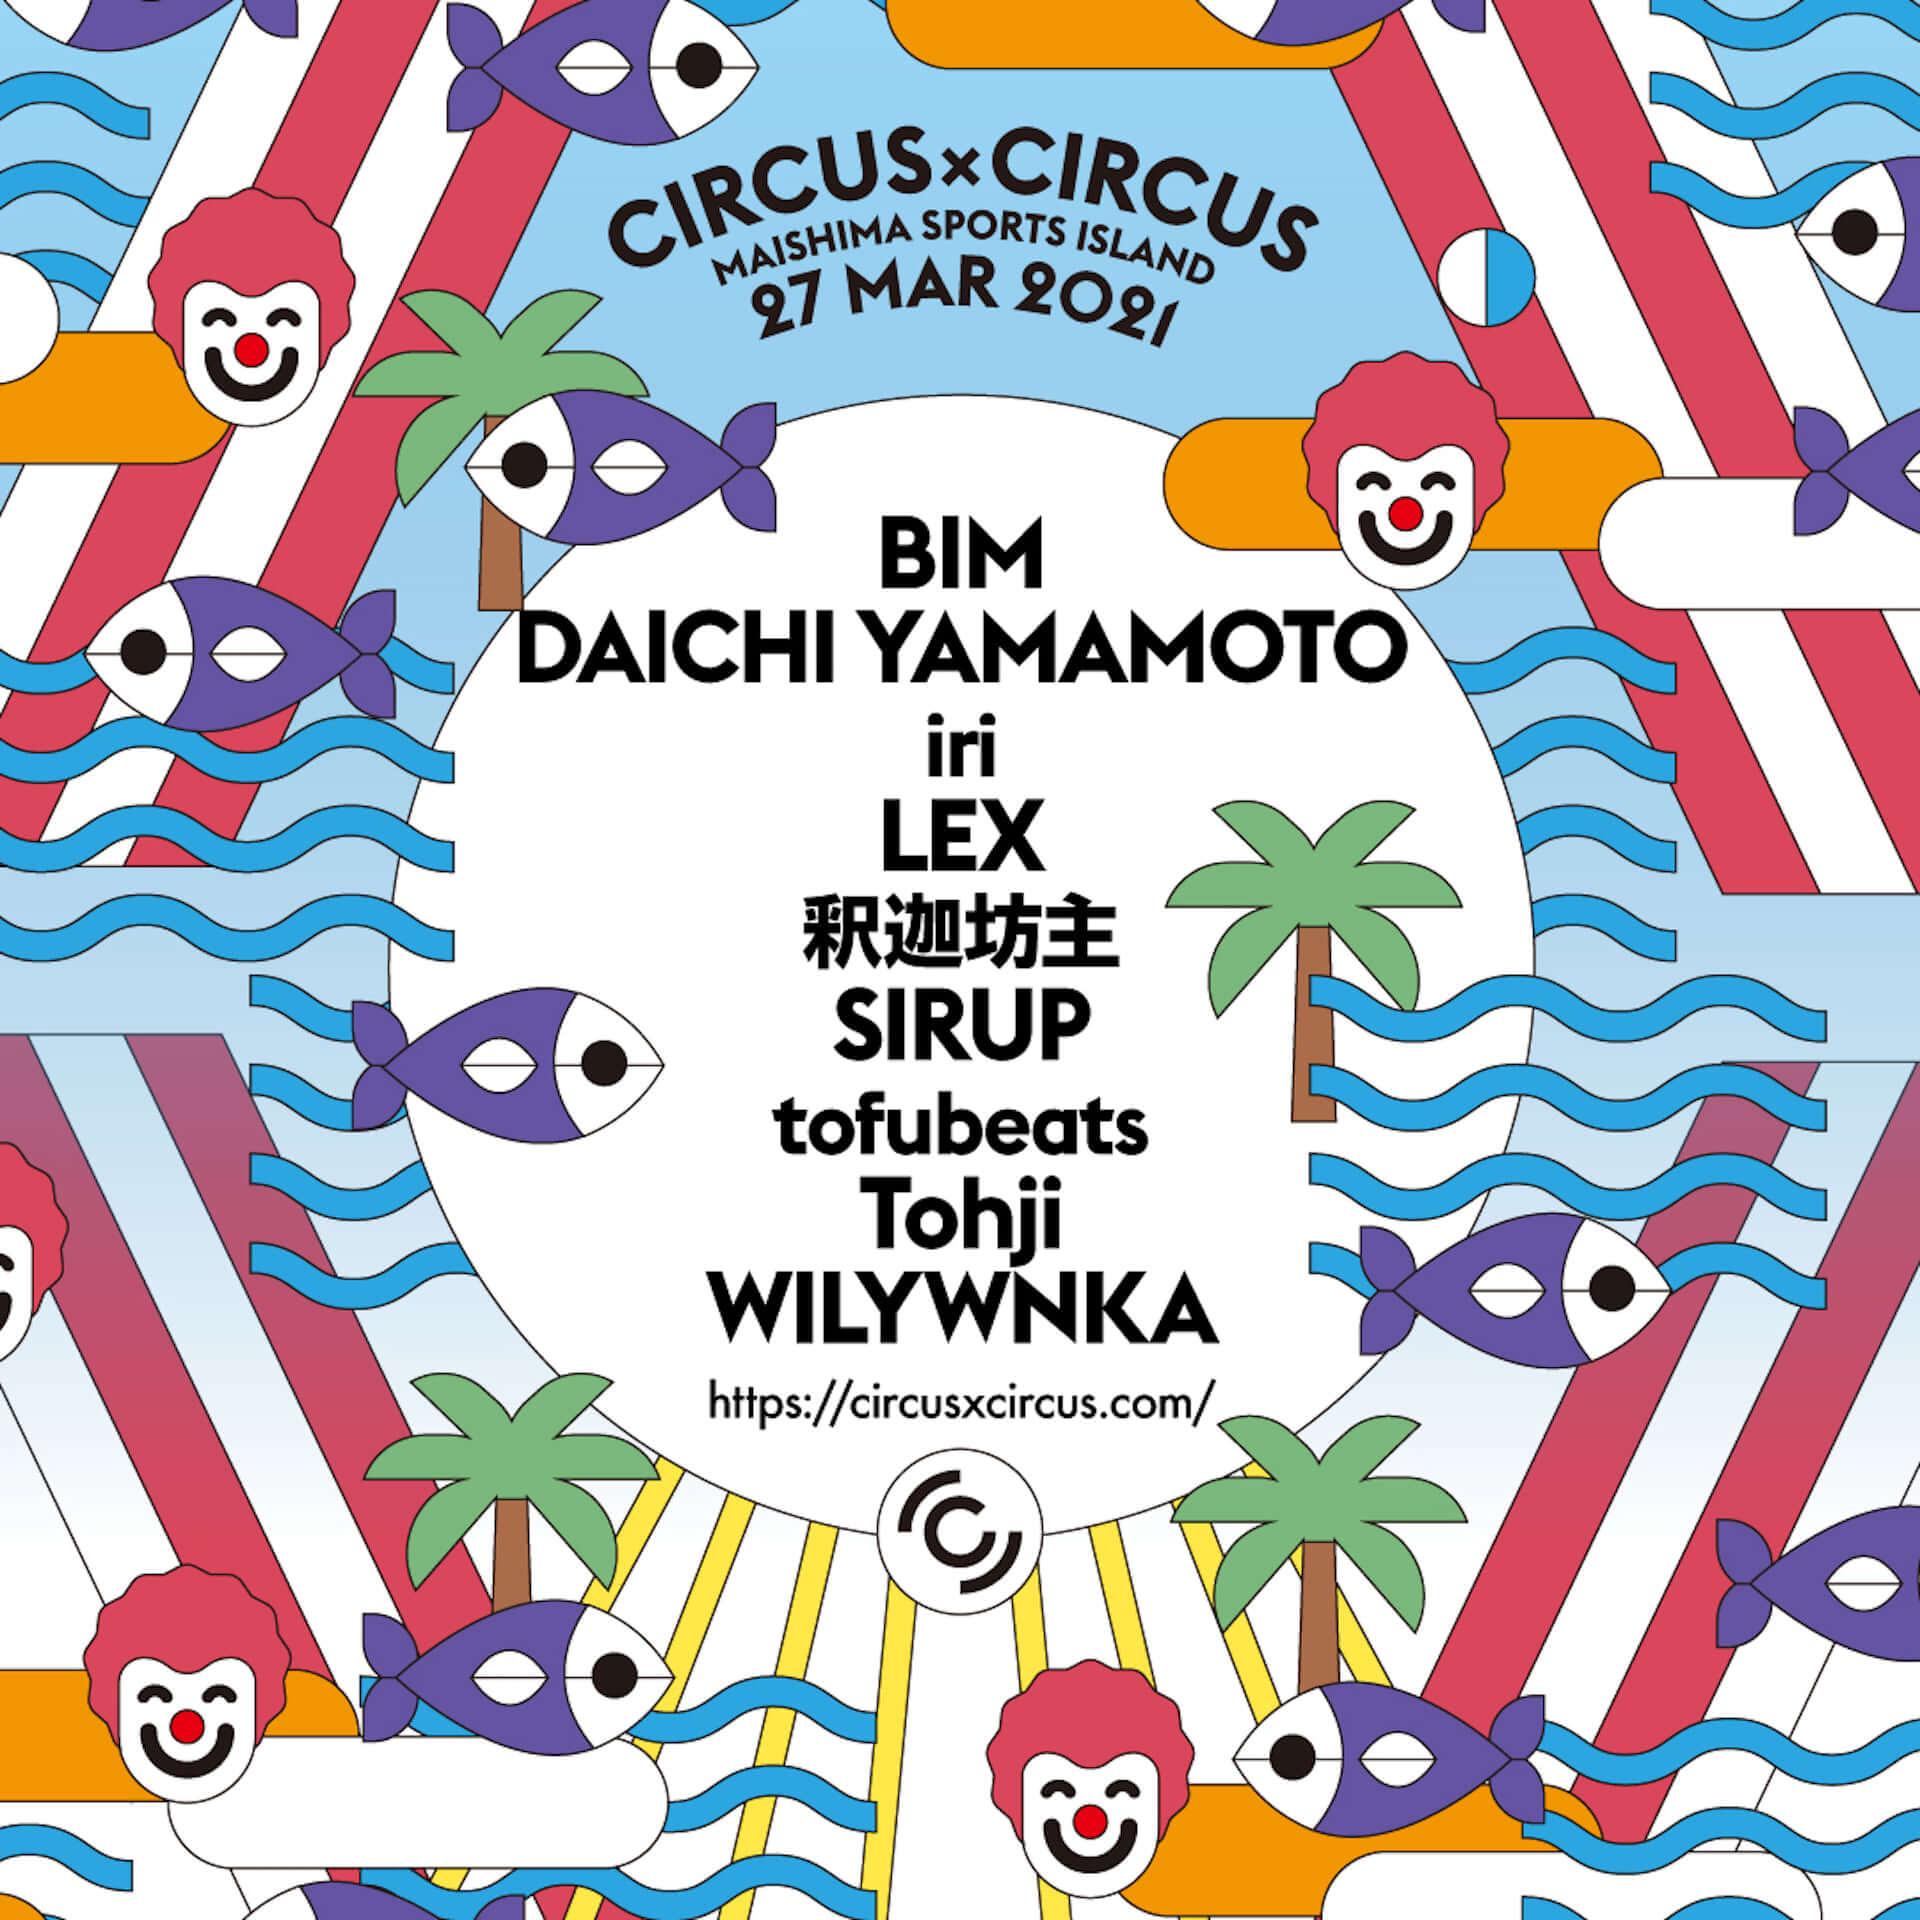 ストリートなイベント【大阪】CIRCUS × CIRCUS 延期となっていた野外フェス『CIRCUS × CIRCUS』振替公演が開催決定!